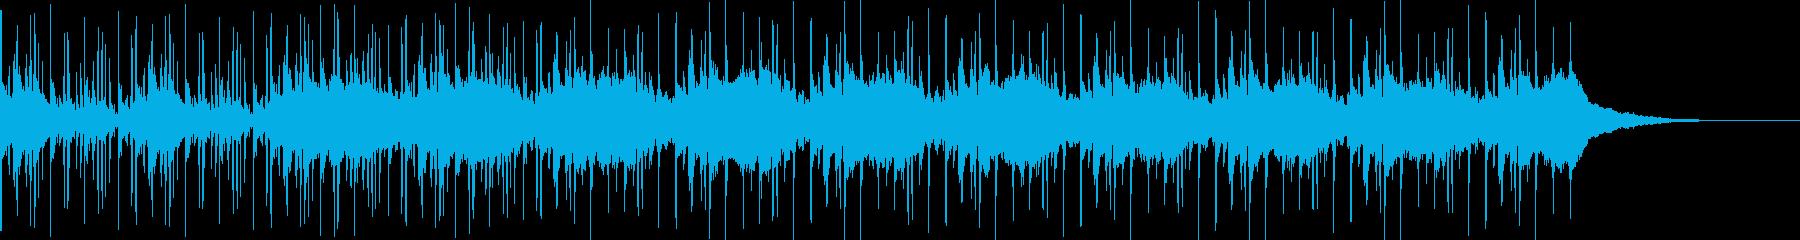 Pf「狸」和風現代ジャズの再生済みの波形